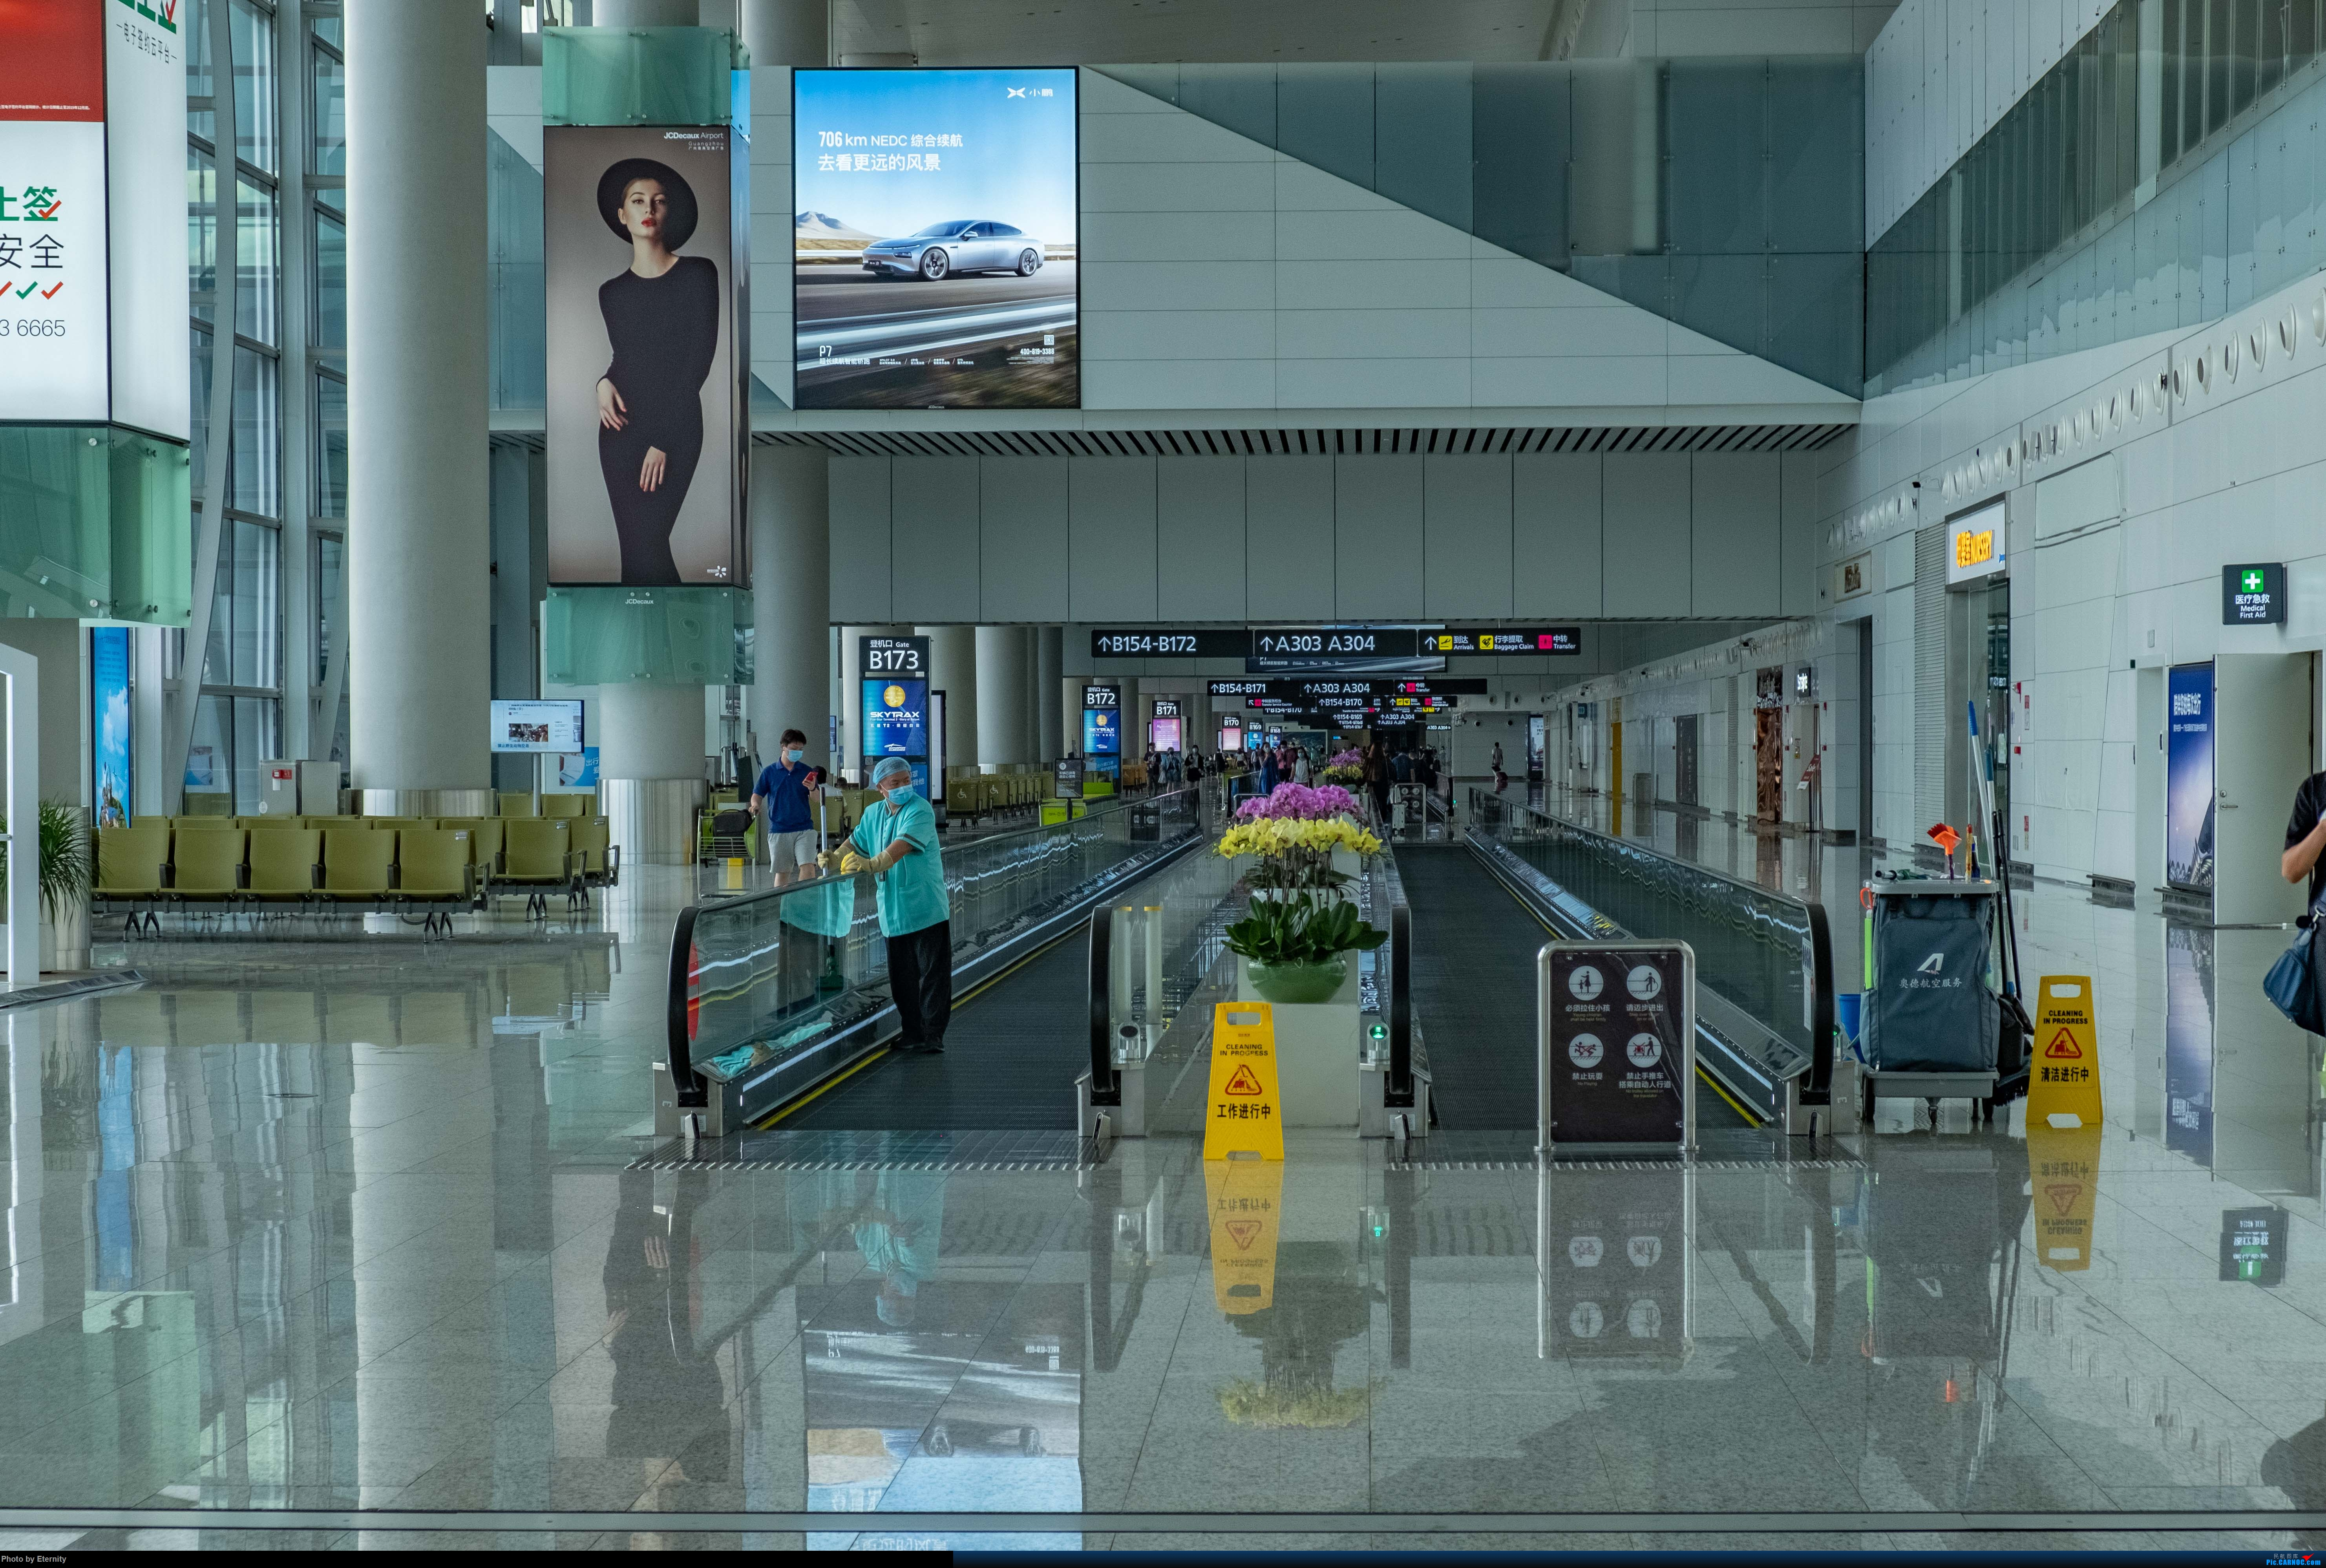 Re:[原创]后疫情期间的暑假国内游 | 西安-上海-广州-成都 | 体验国内3条干线 | 吉祥航空787 | 南航350 | 海航737    中国广州白云国际机场